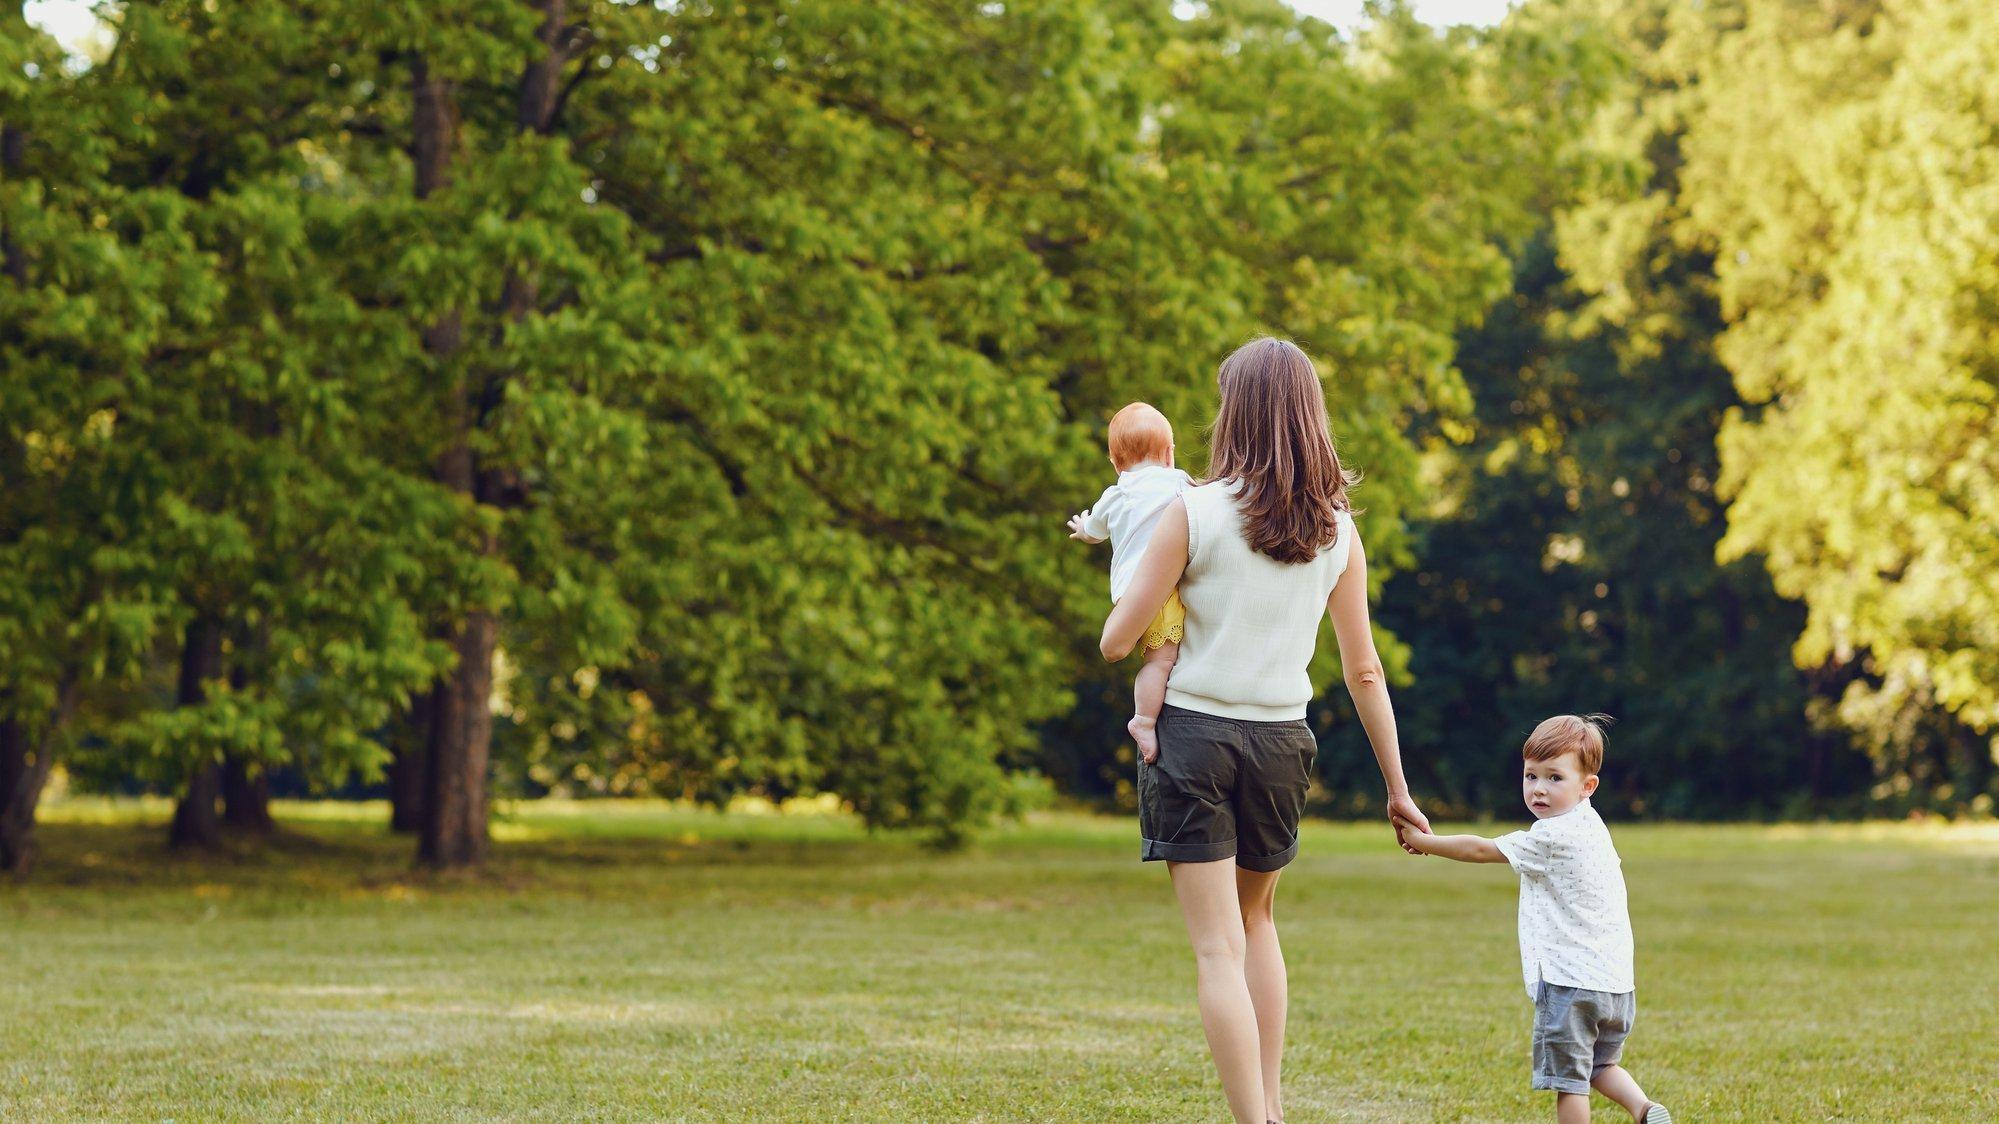 Eine junge Mutter geht mit ihren Kindern durch den Park. Ein Kind ist ein Säugling, den sie auf dem Arm trägt.